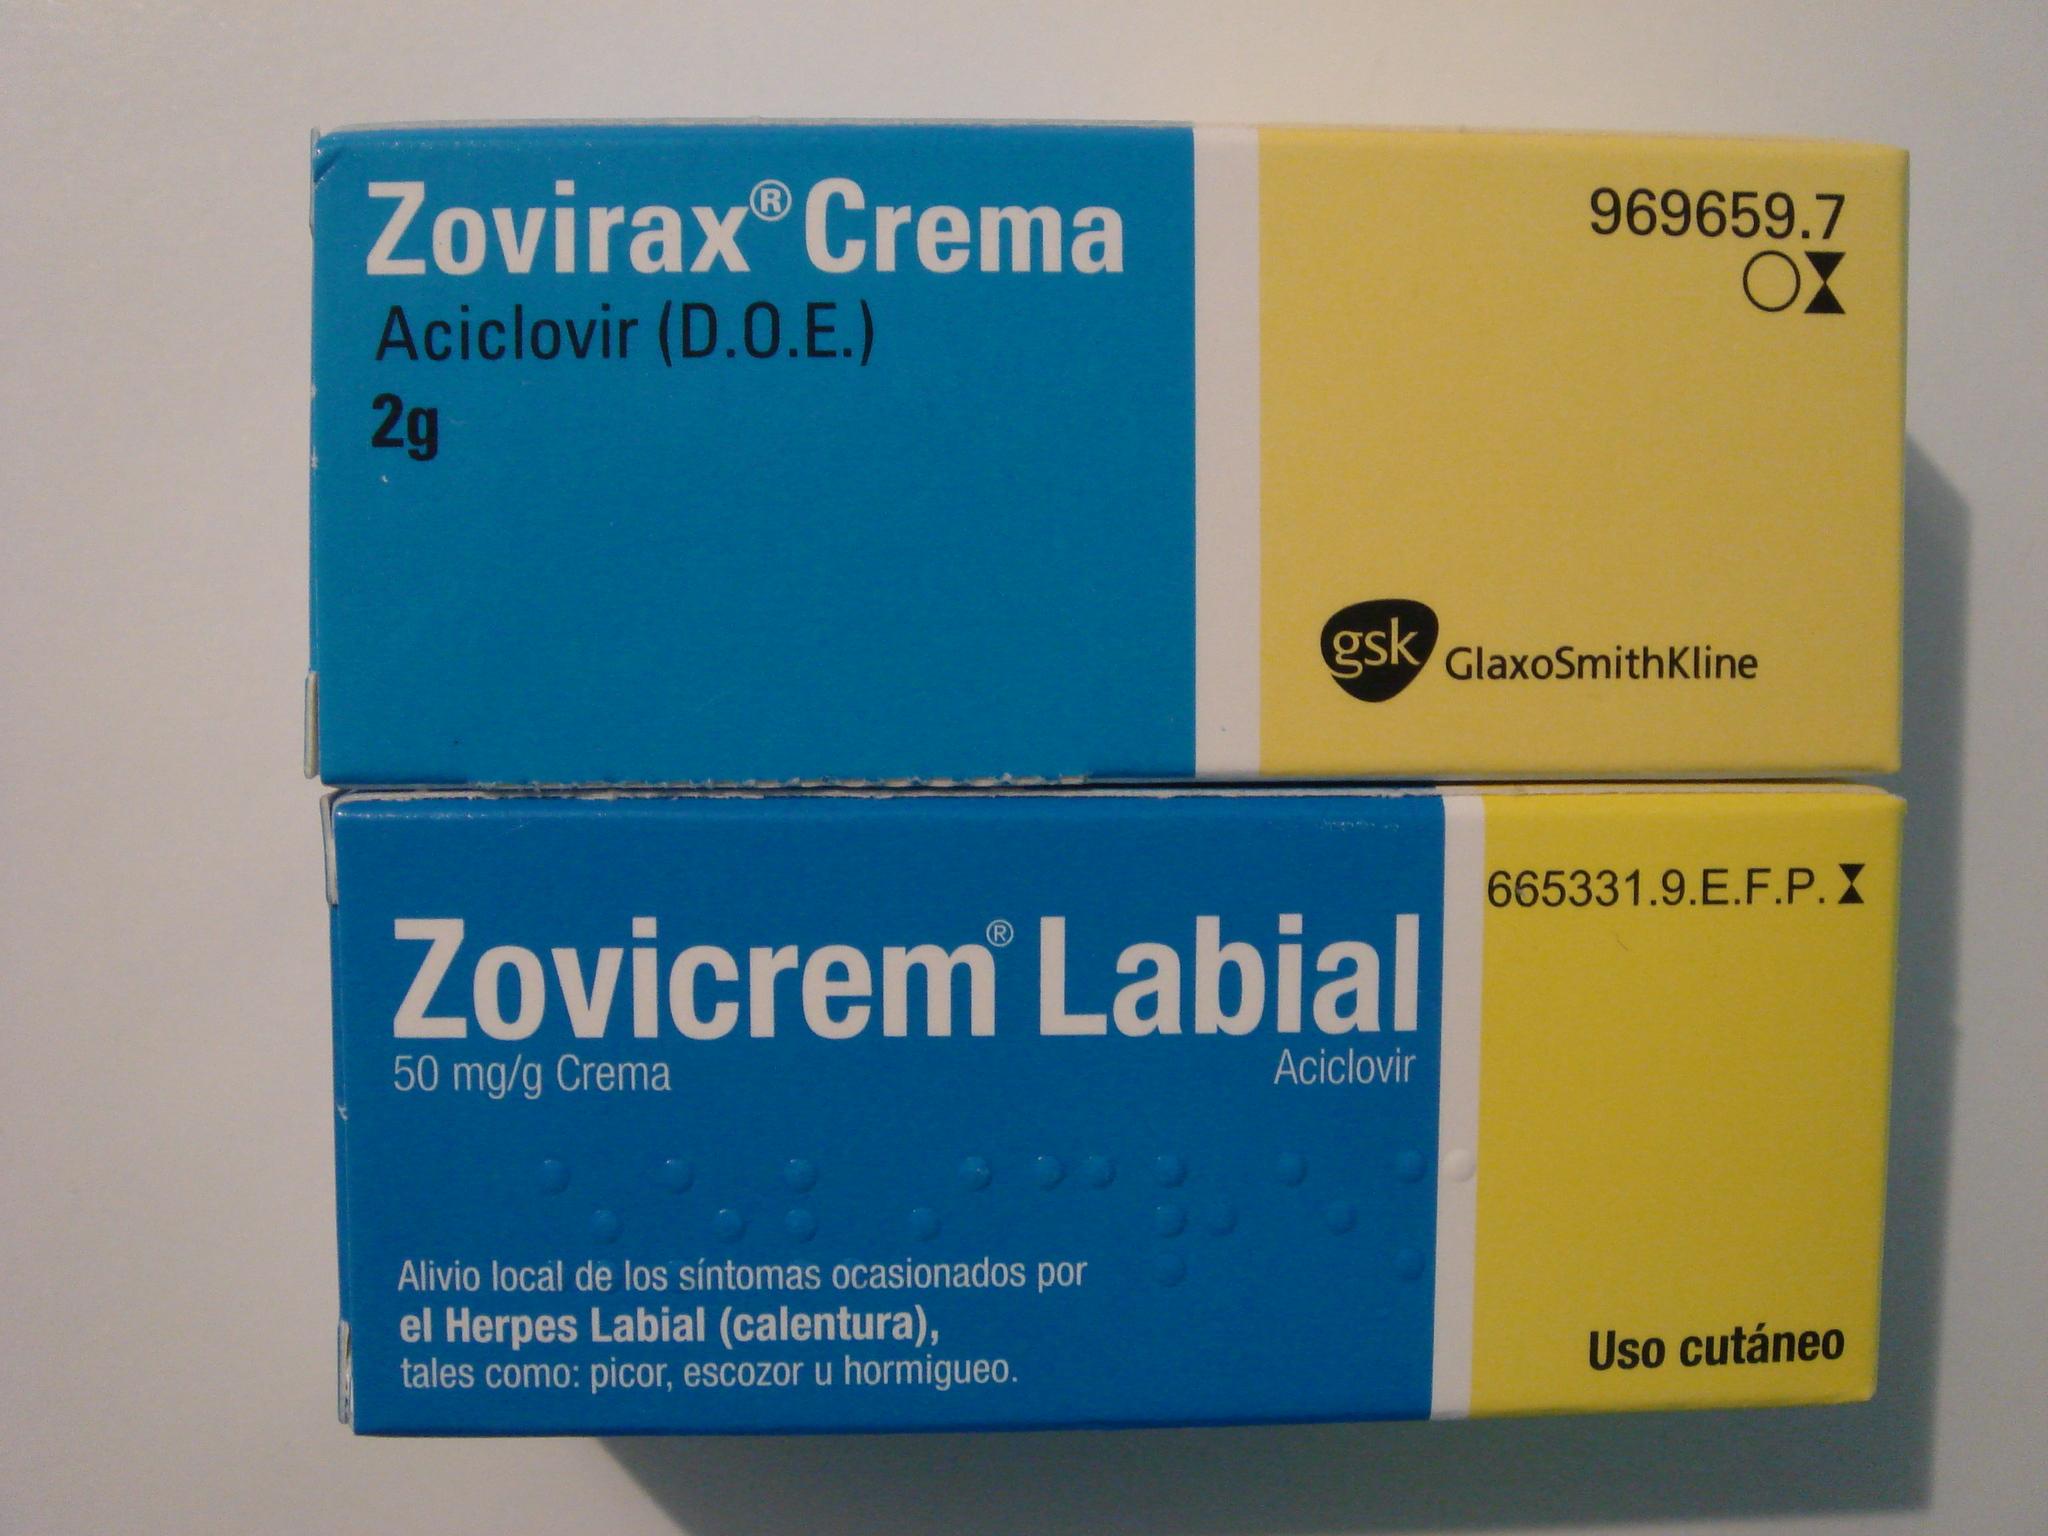 zovirax-crema-vs-zovicrem-labial | En vez del psiquiatra...